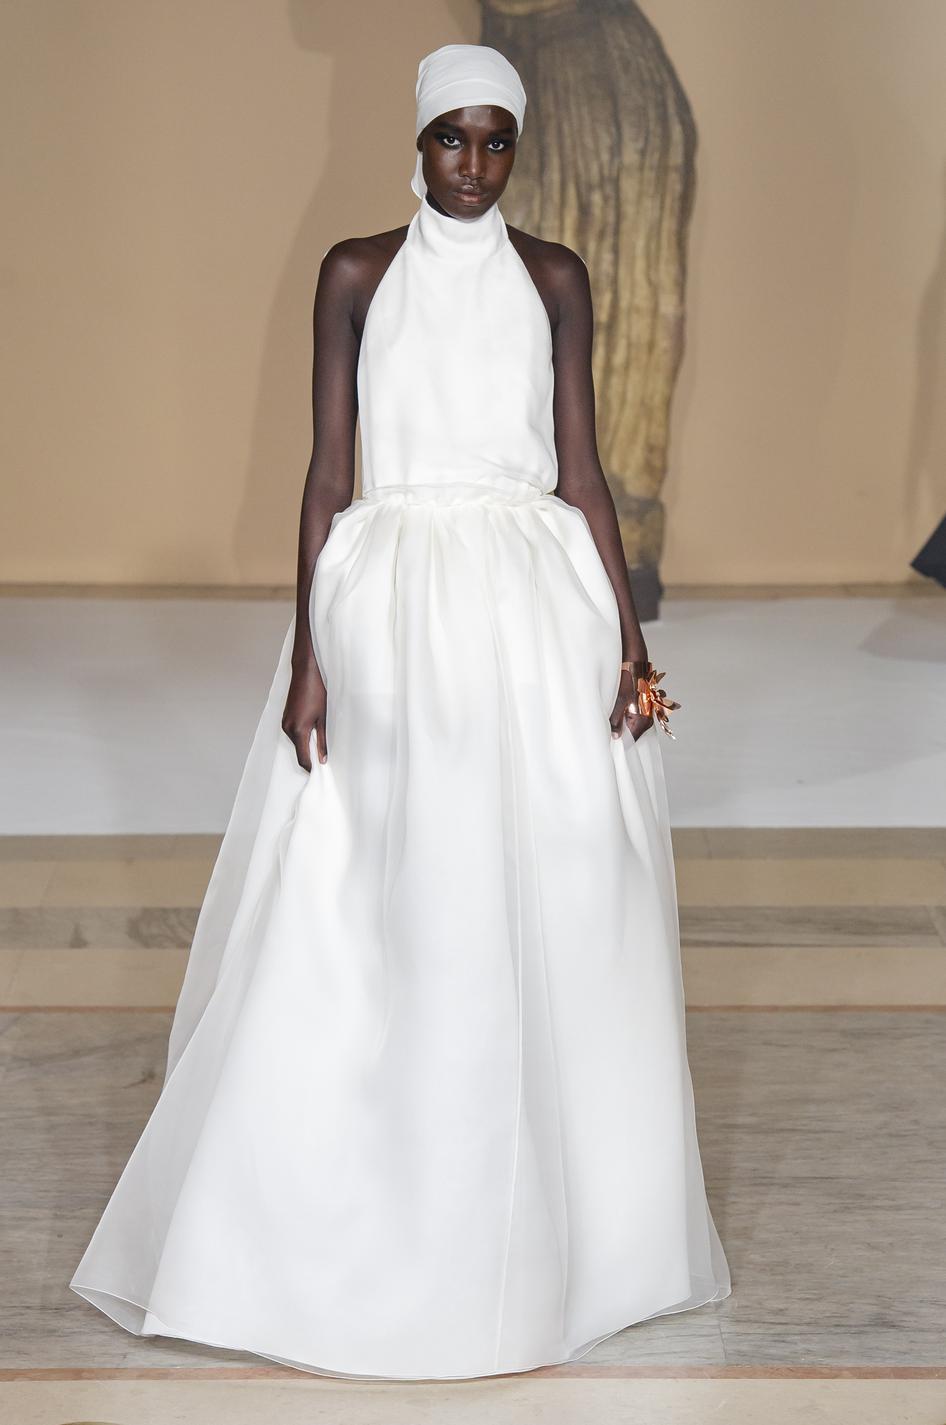 e4d0846bbf ... mariée haute couture printemps-été 2019 - Givenchy Les robes de mariée  haute couture printemps-été 2019 - Schiaparelli Les robes de mariée haute  couture ...